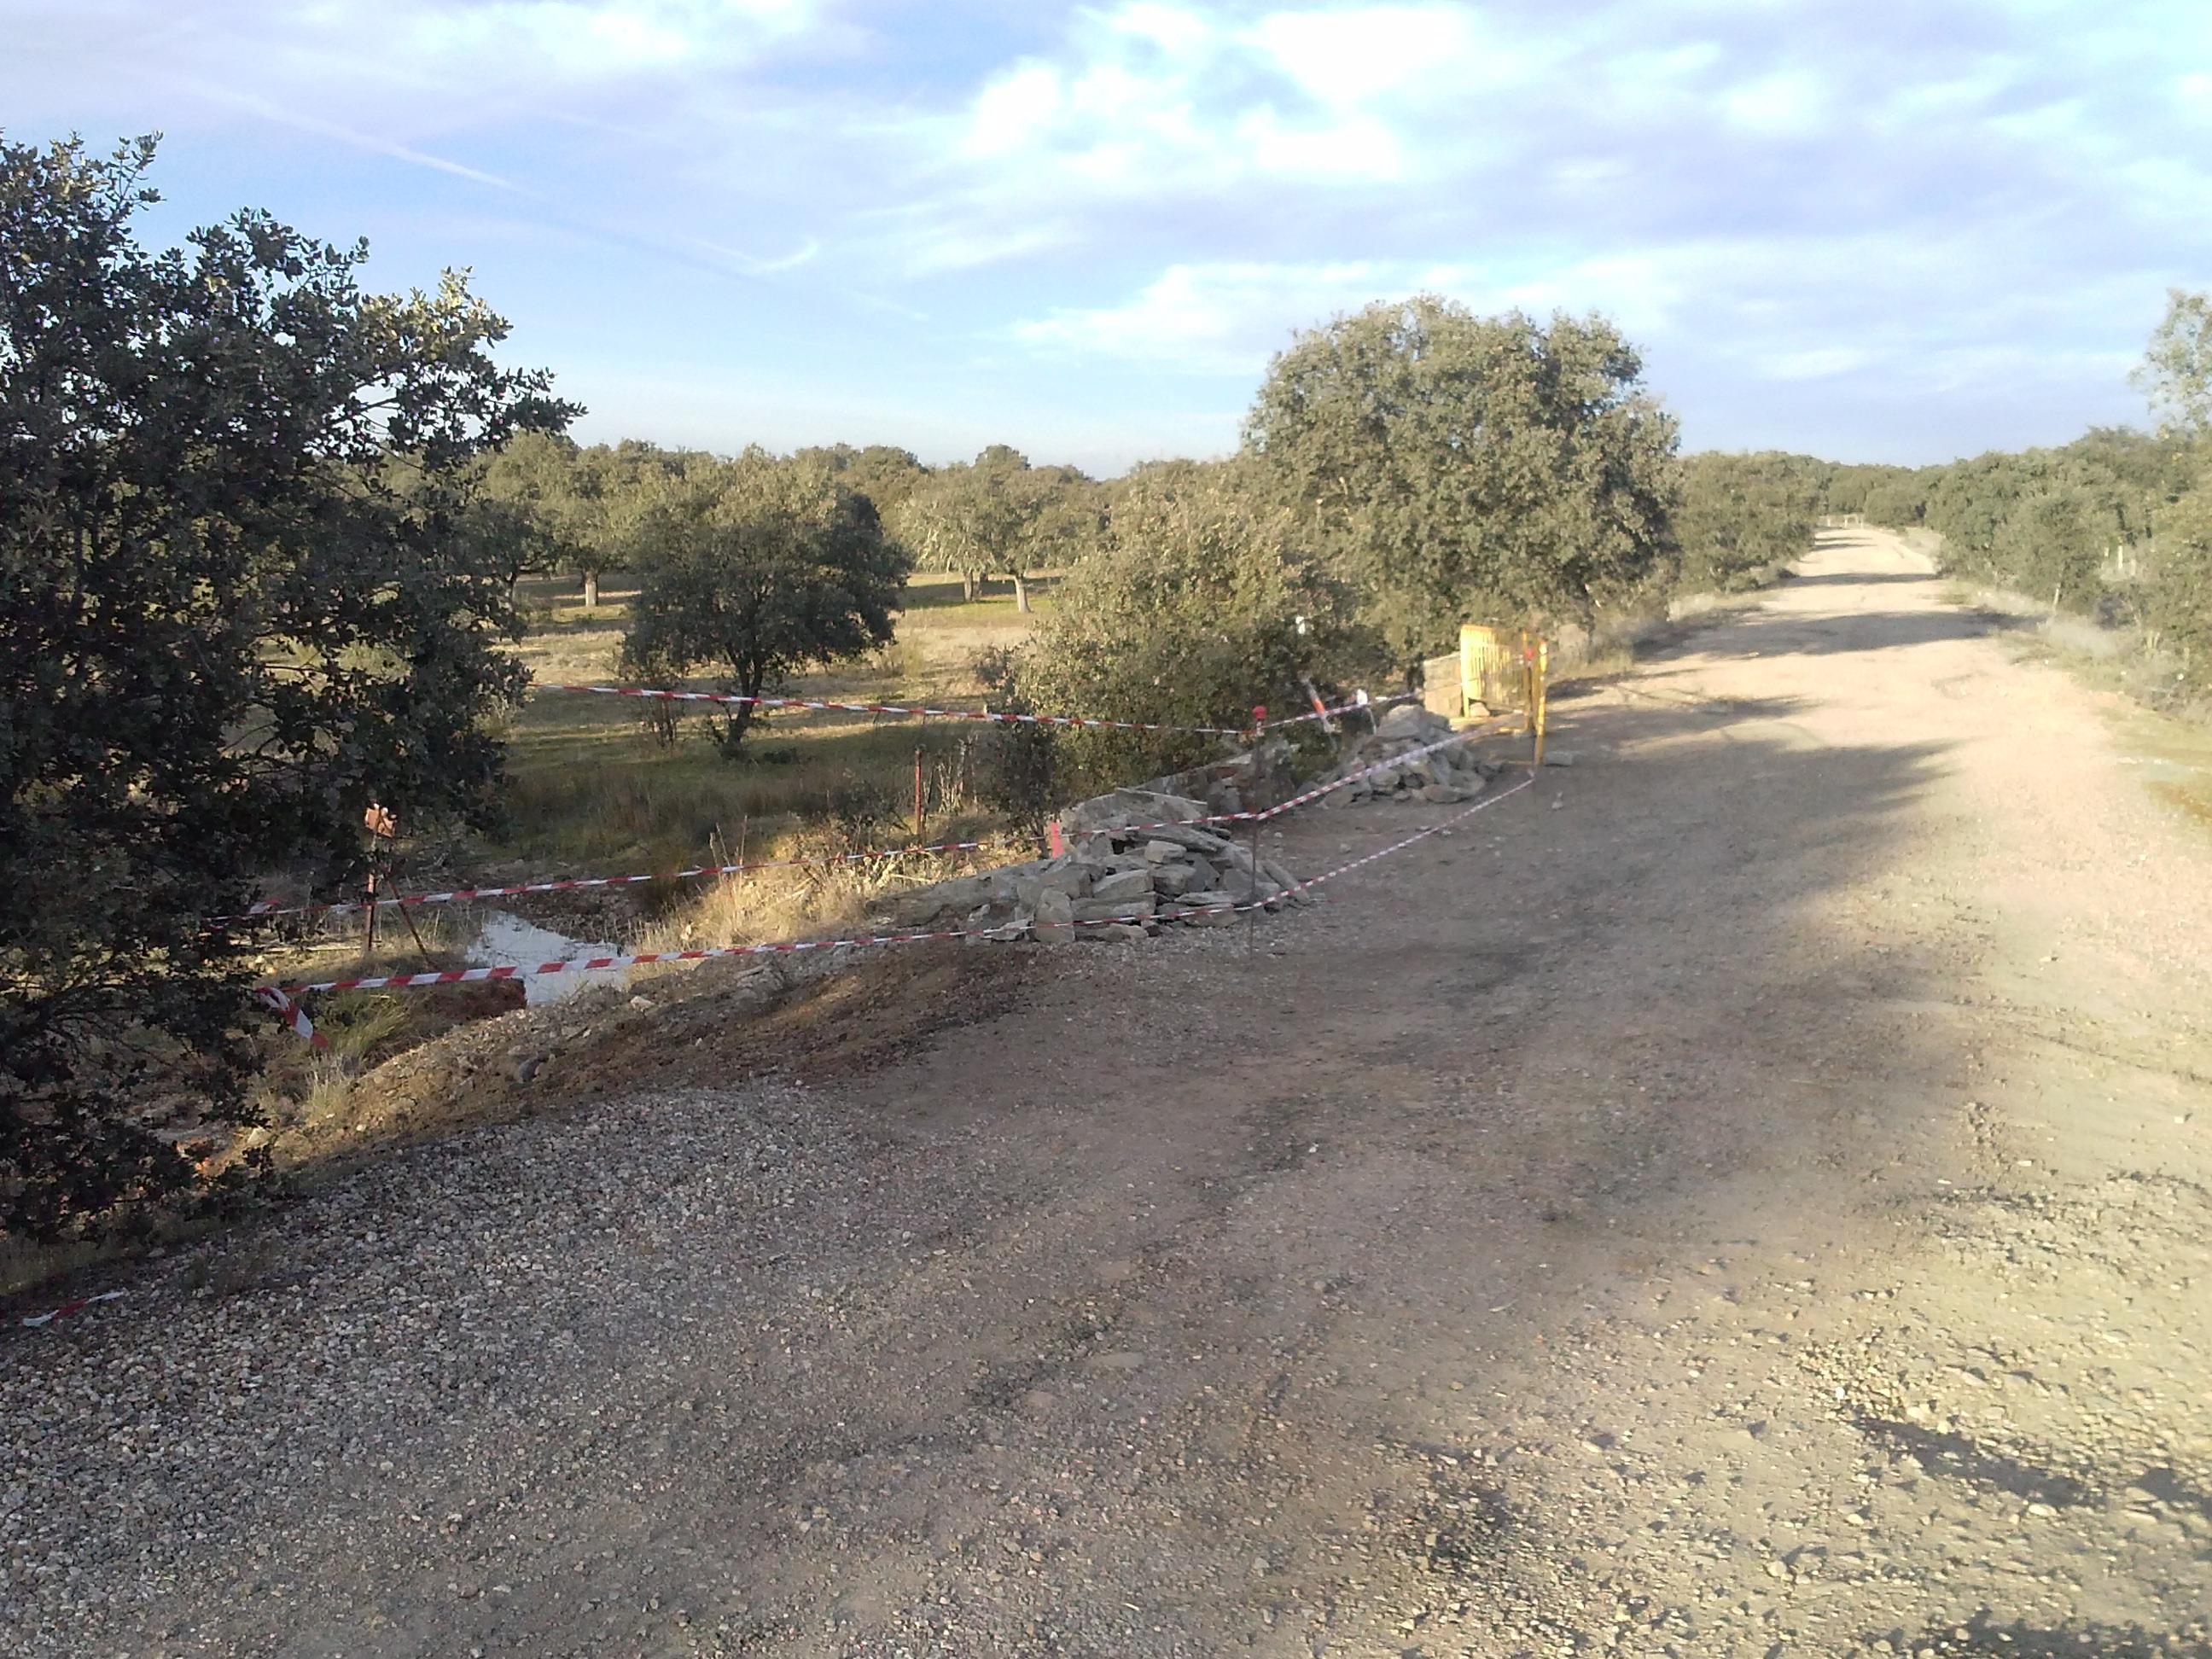 Comienzan las obras de mejora de la carretera de la presa de Portaje